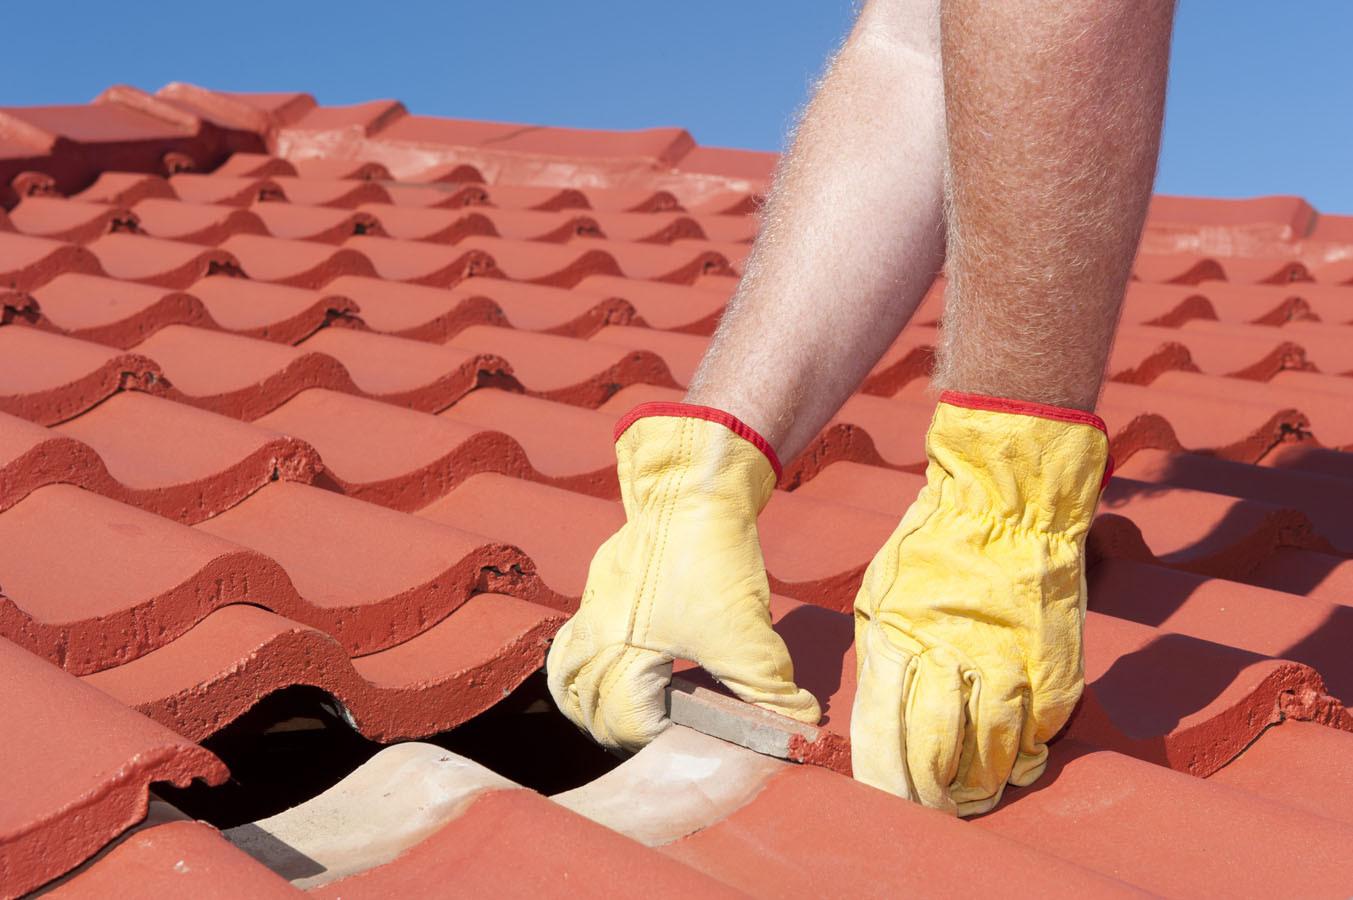 Worker repairing roof tiles on house